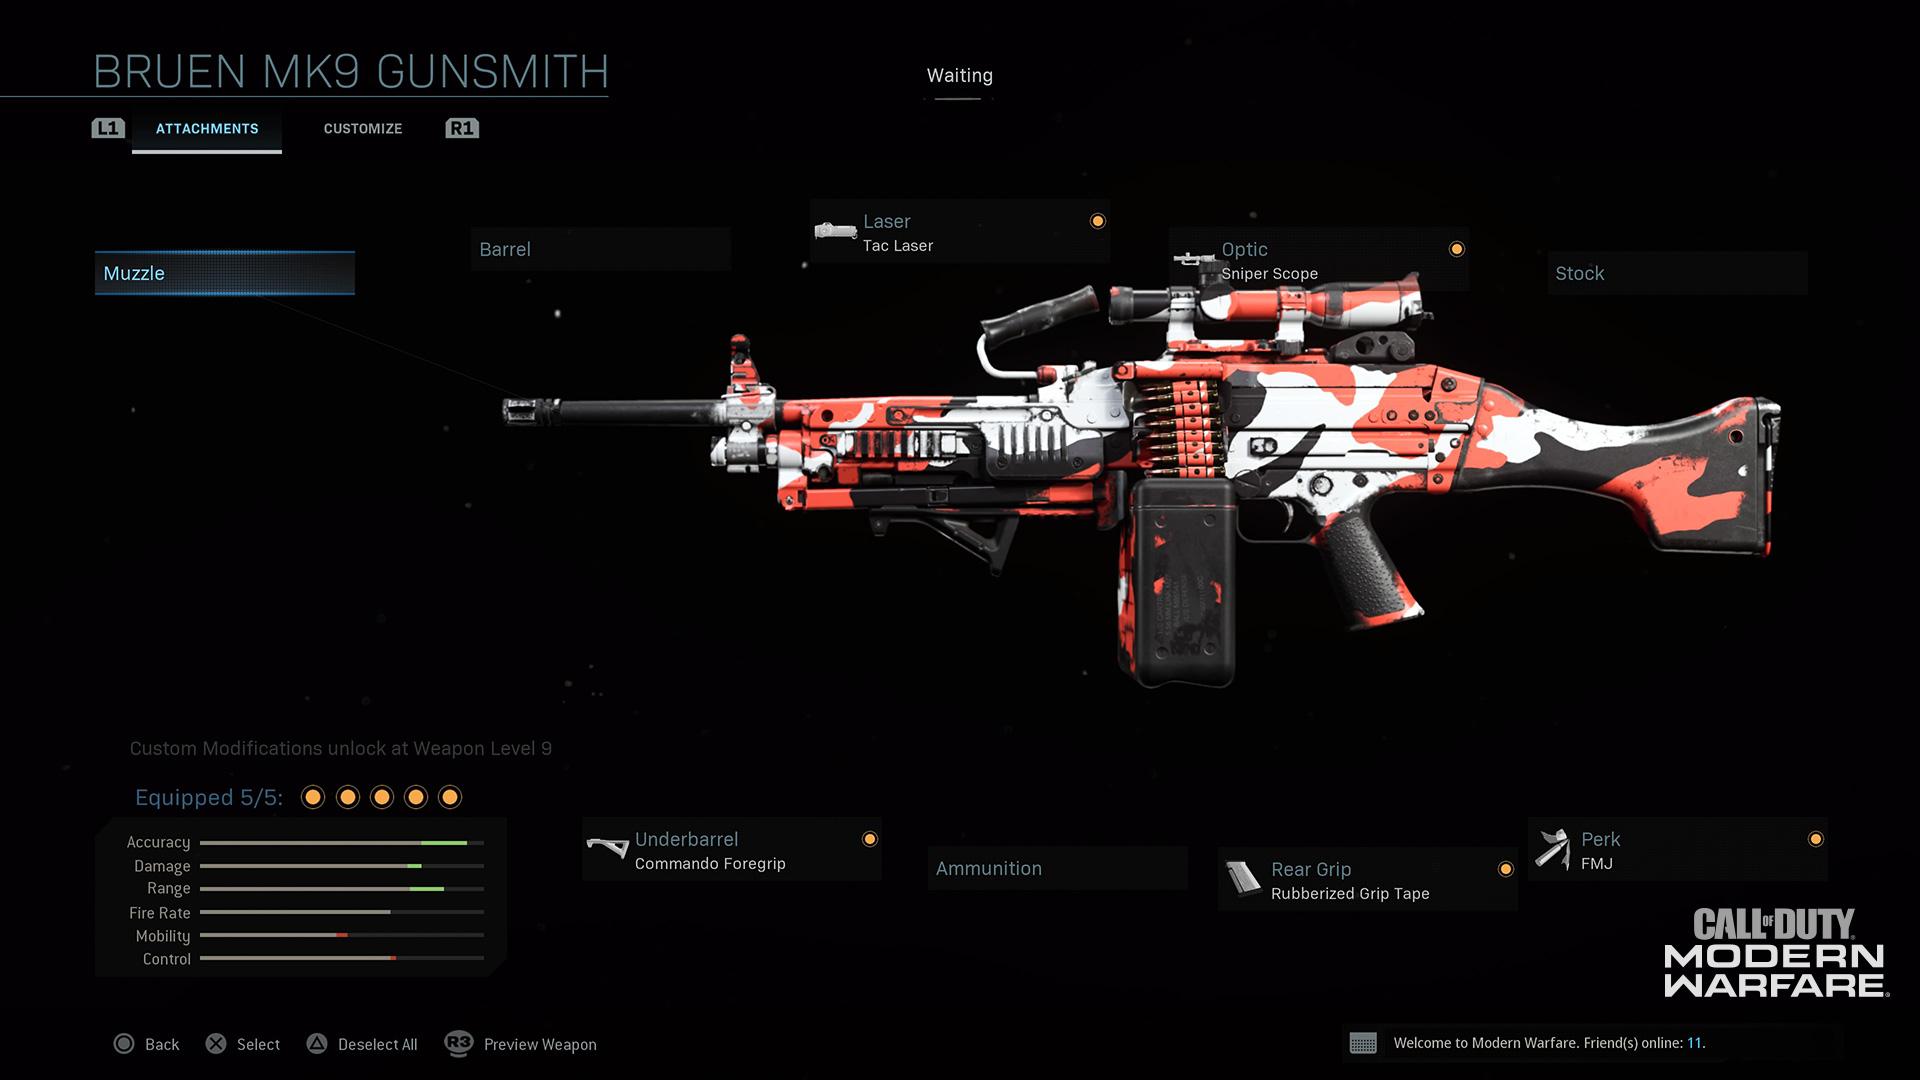 Modern Warfare® Weapon Detail: Bruen Mk9 - Image 3